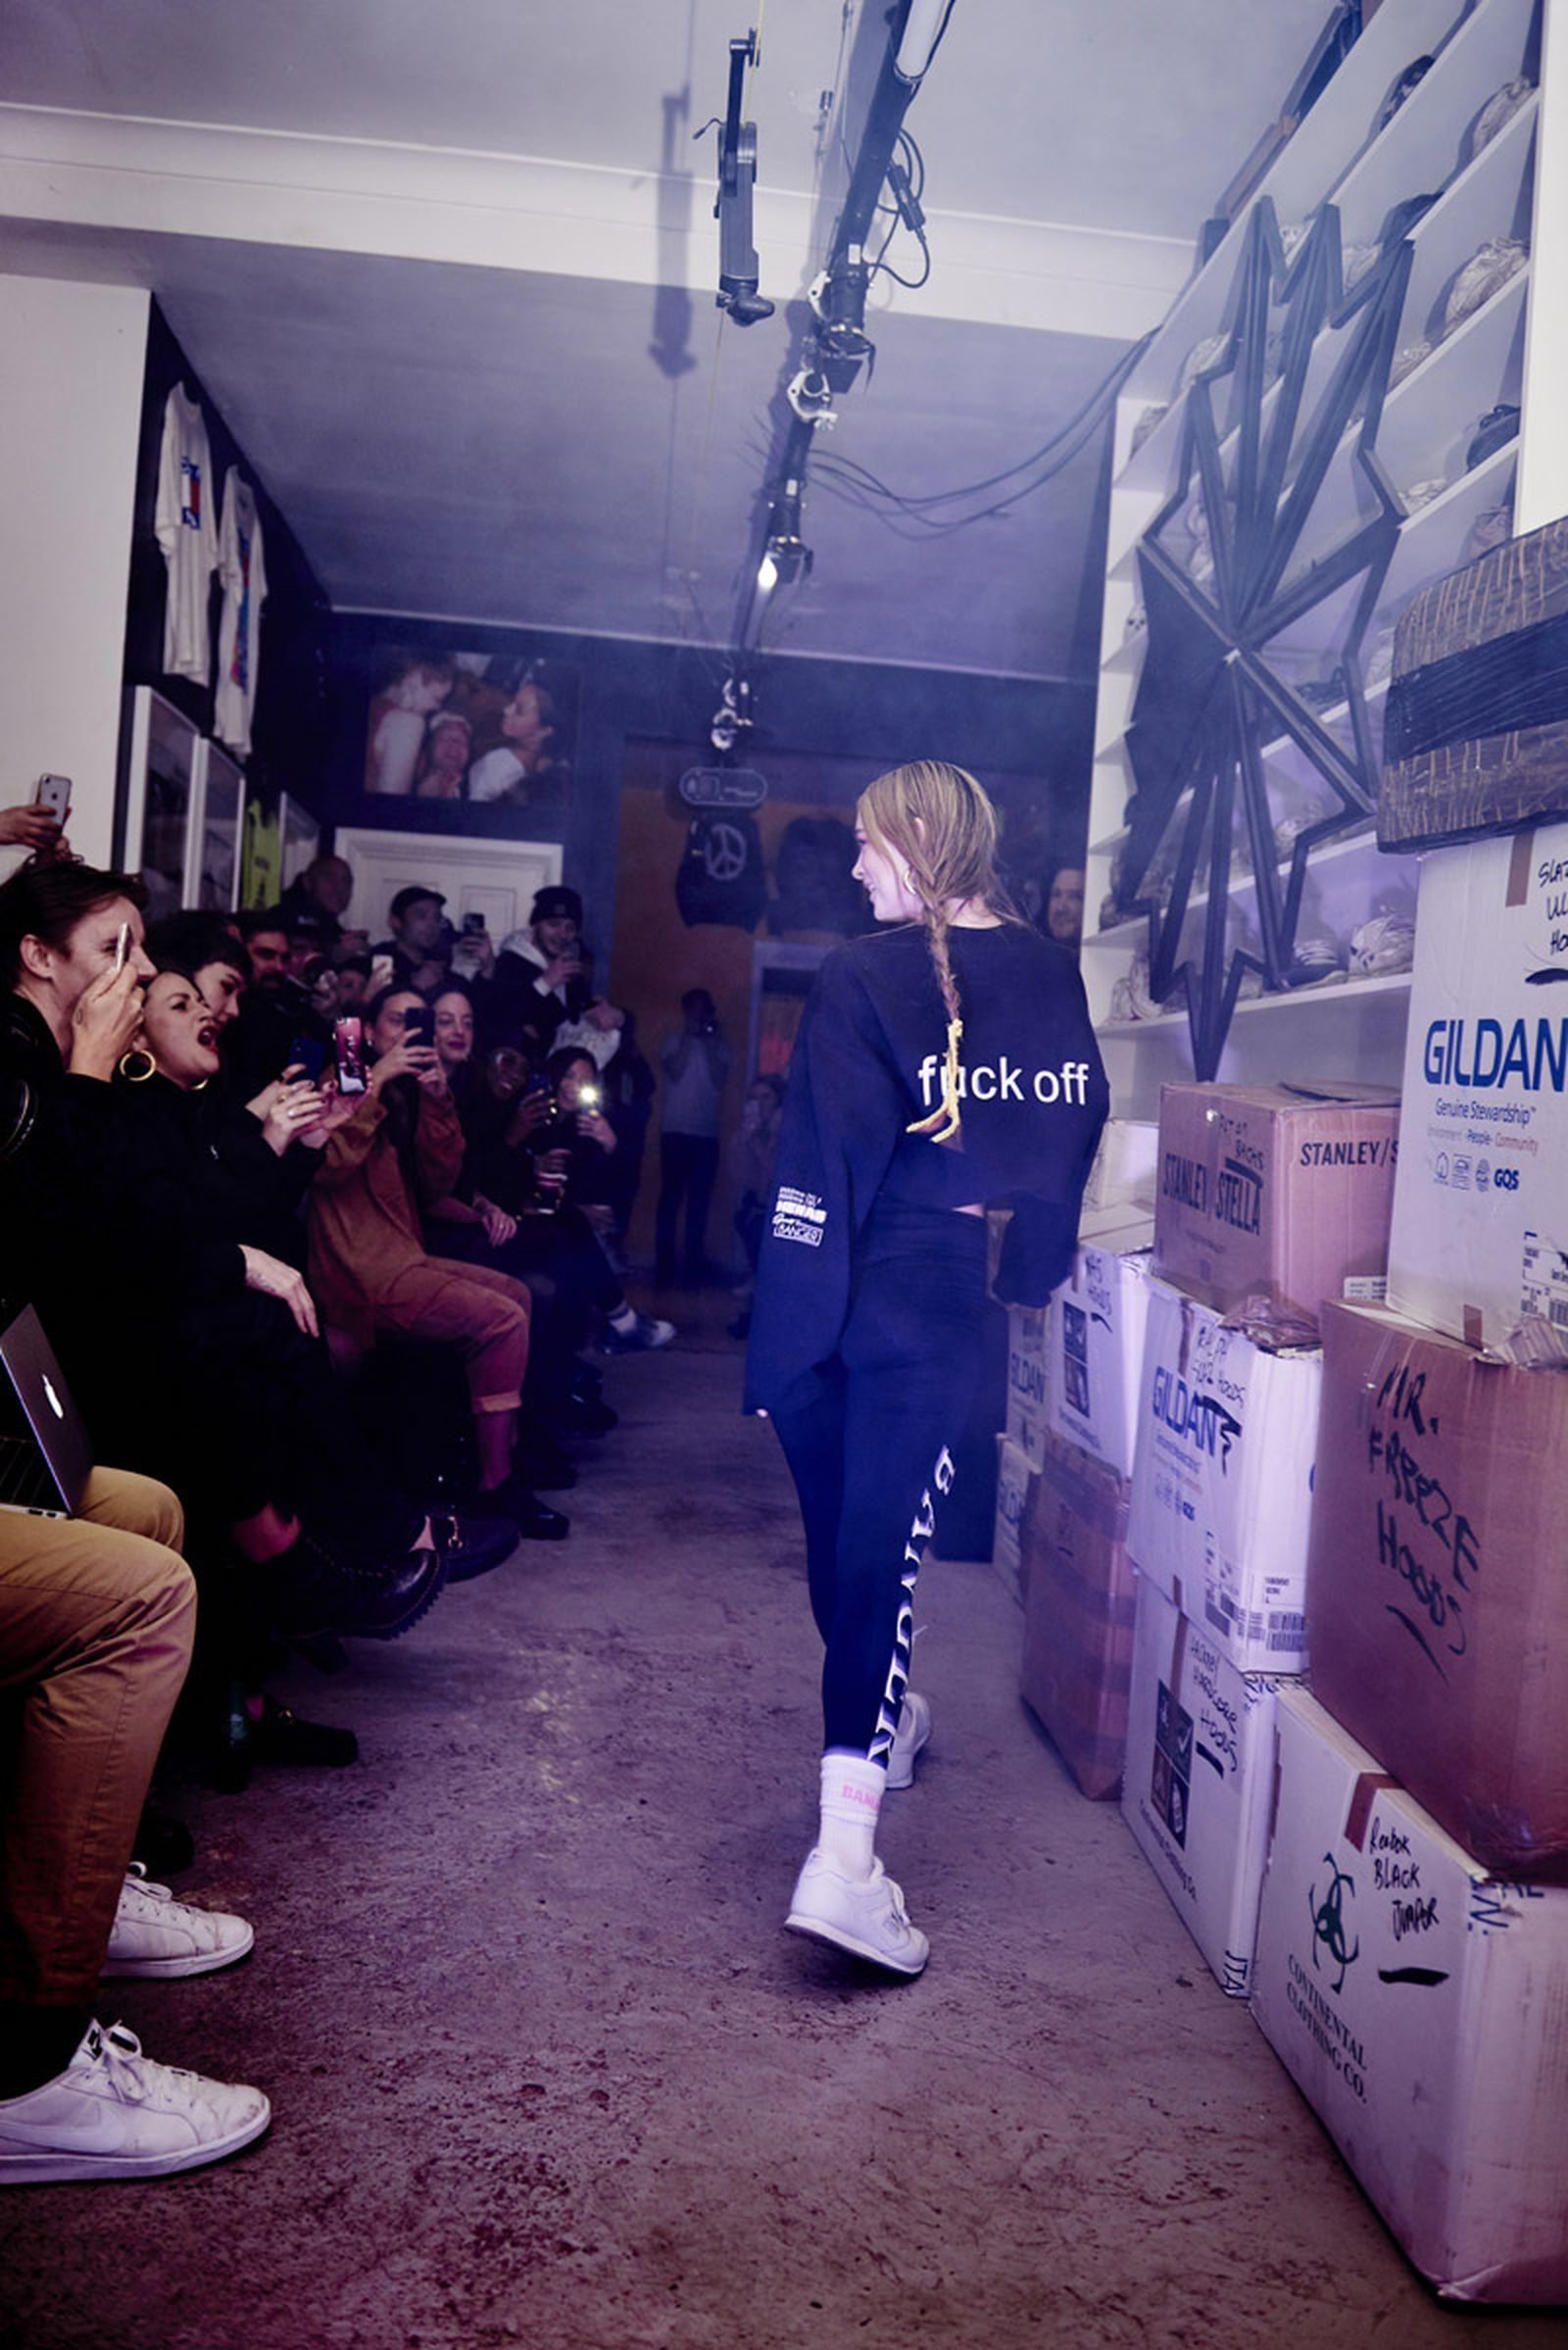 sportsbanger uk brand subverting streetwear Slazenger novelist